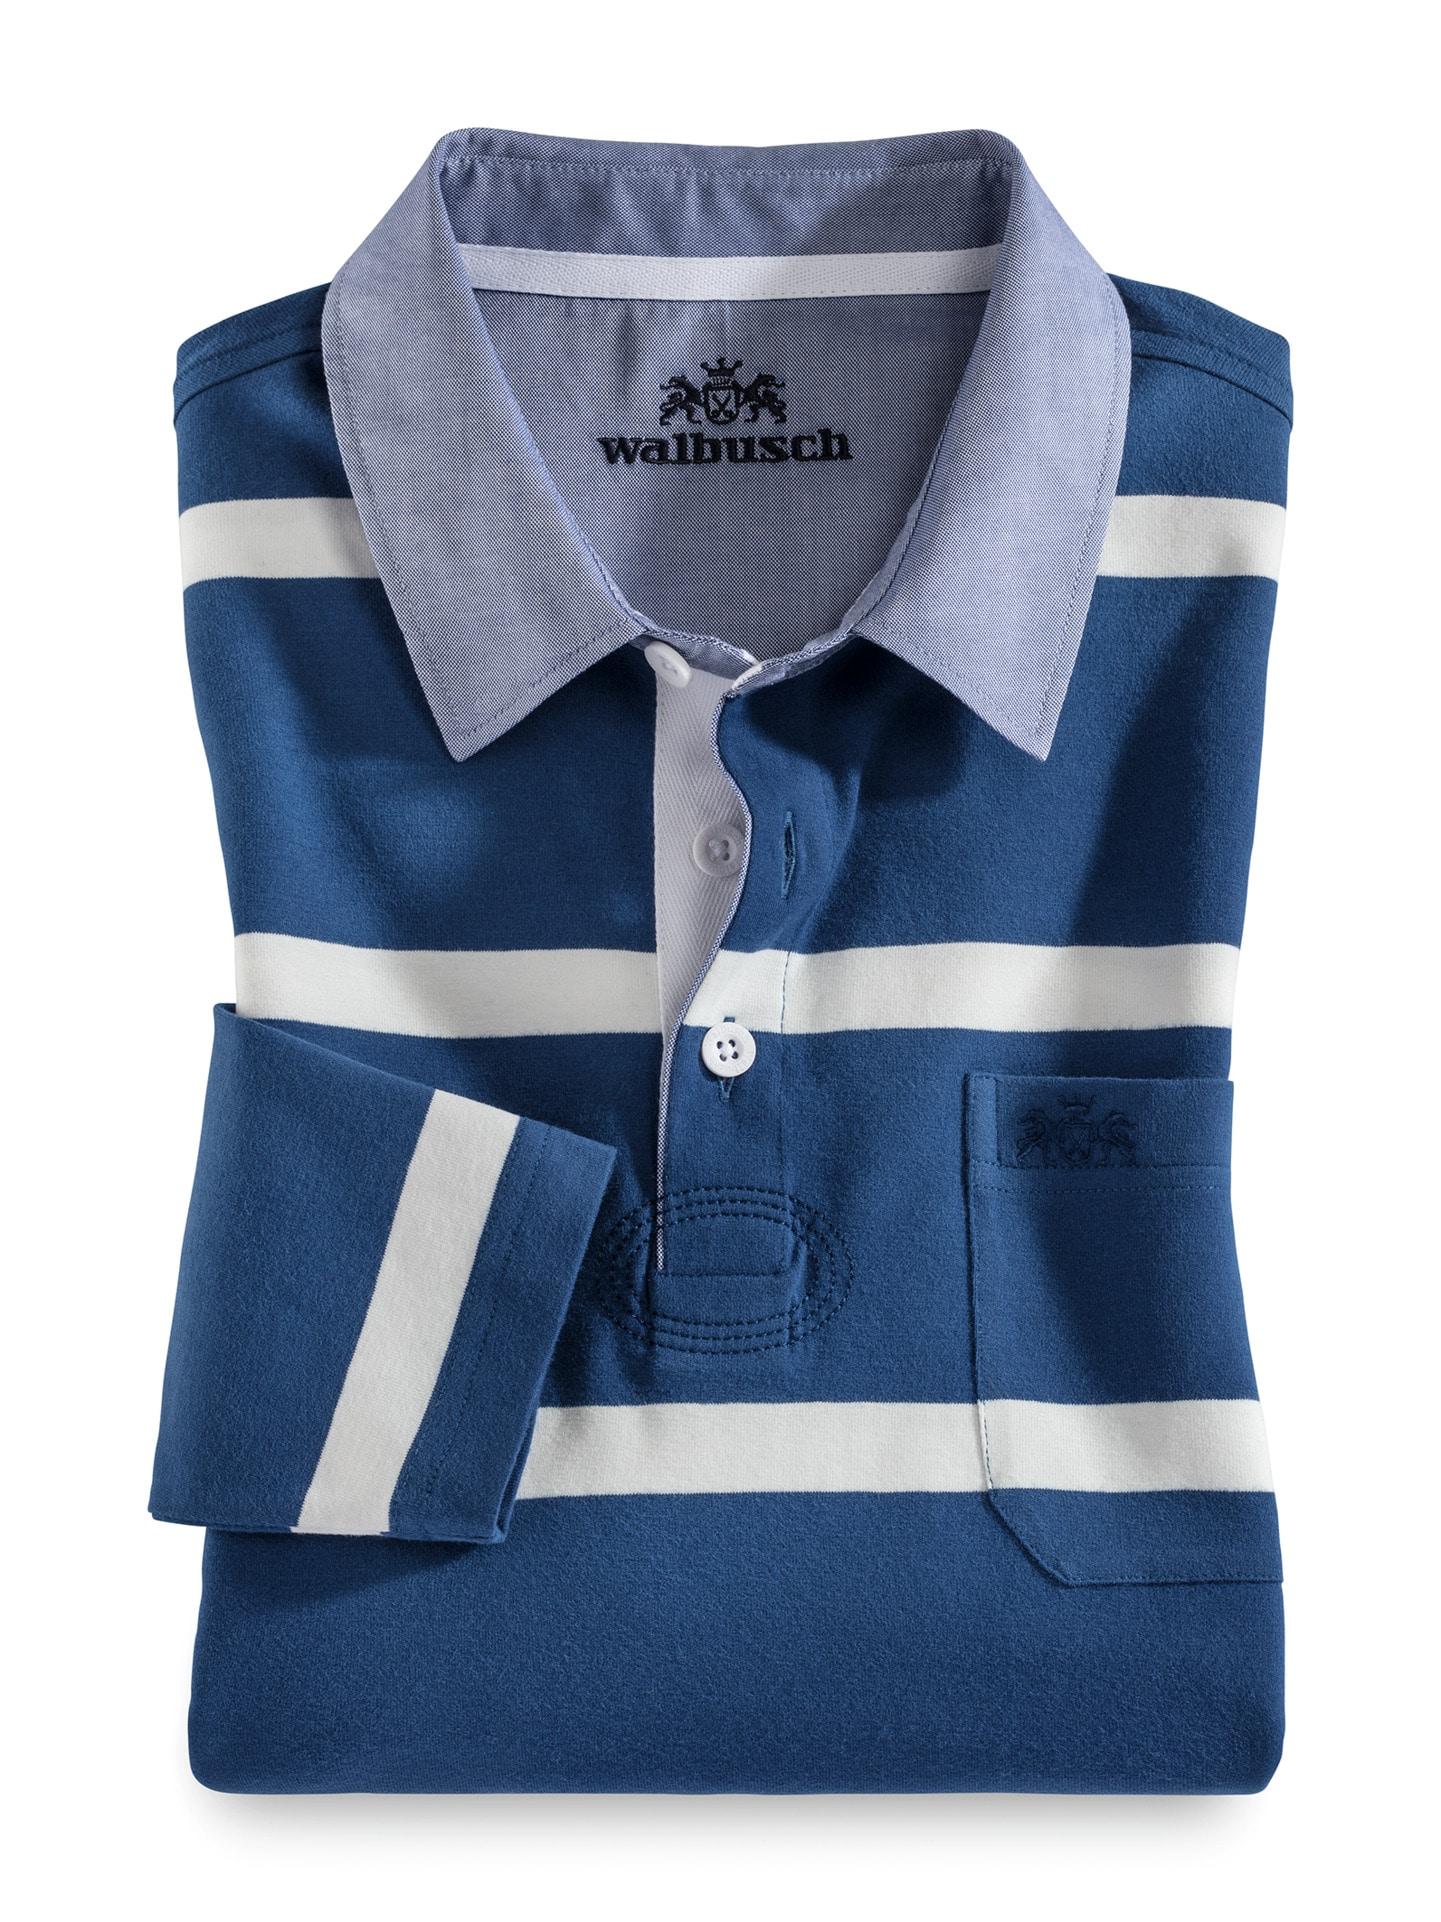 Walbusch Herren Streifen Shirt Supersoft gestreift Königsblau gestreift 48, 50, 52, 54, 56, 58/60, 62/64 23-5522-3